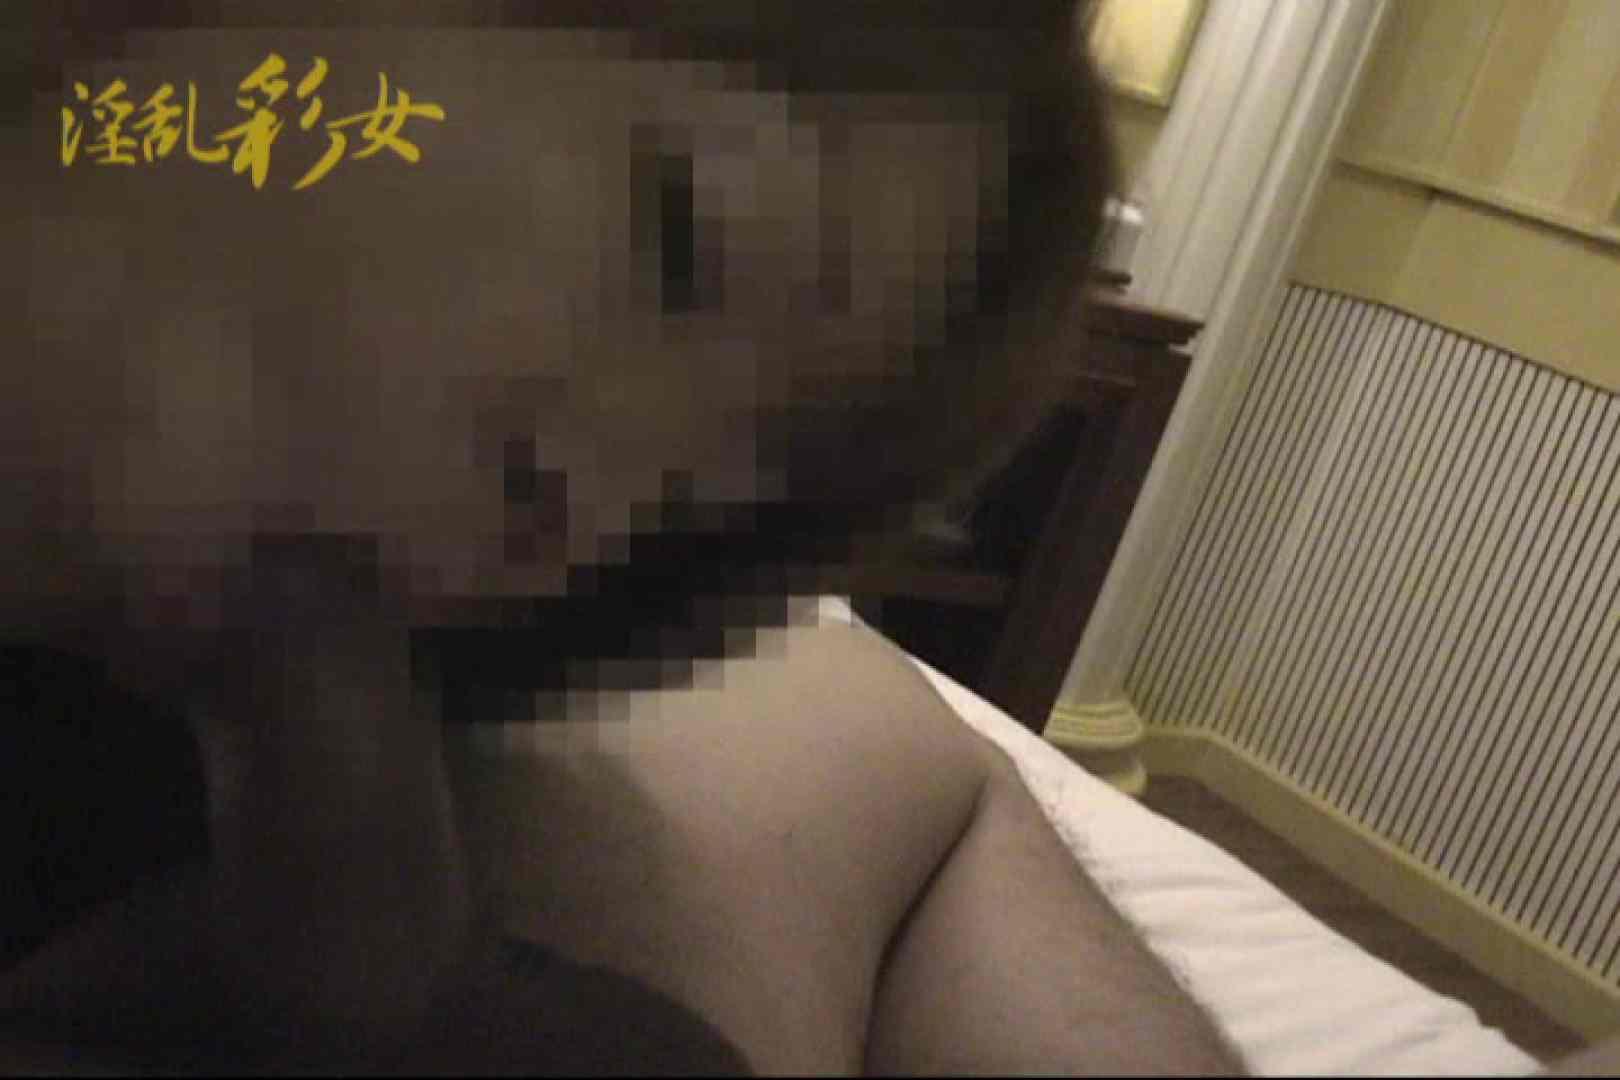 淫乱彩女 麻優里 貸出しの後で 淫乱 ヌード画像 104pic 28